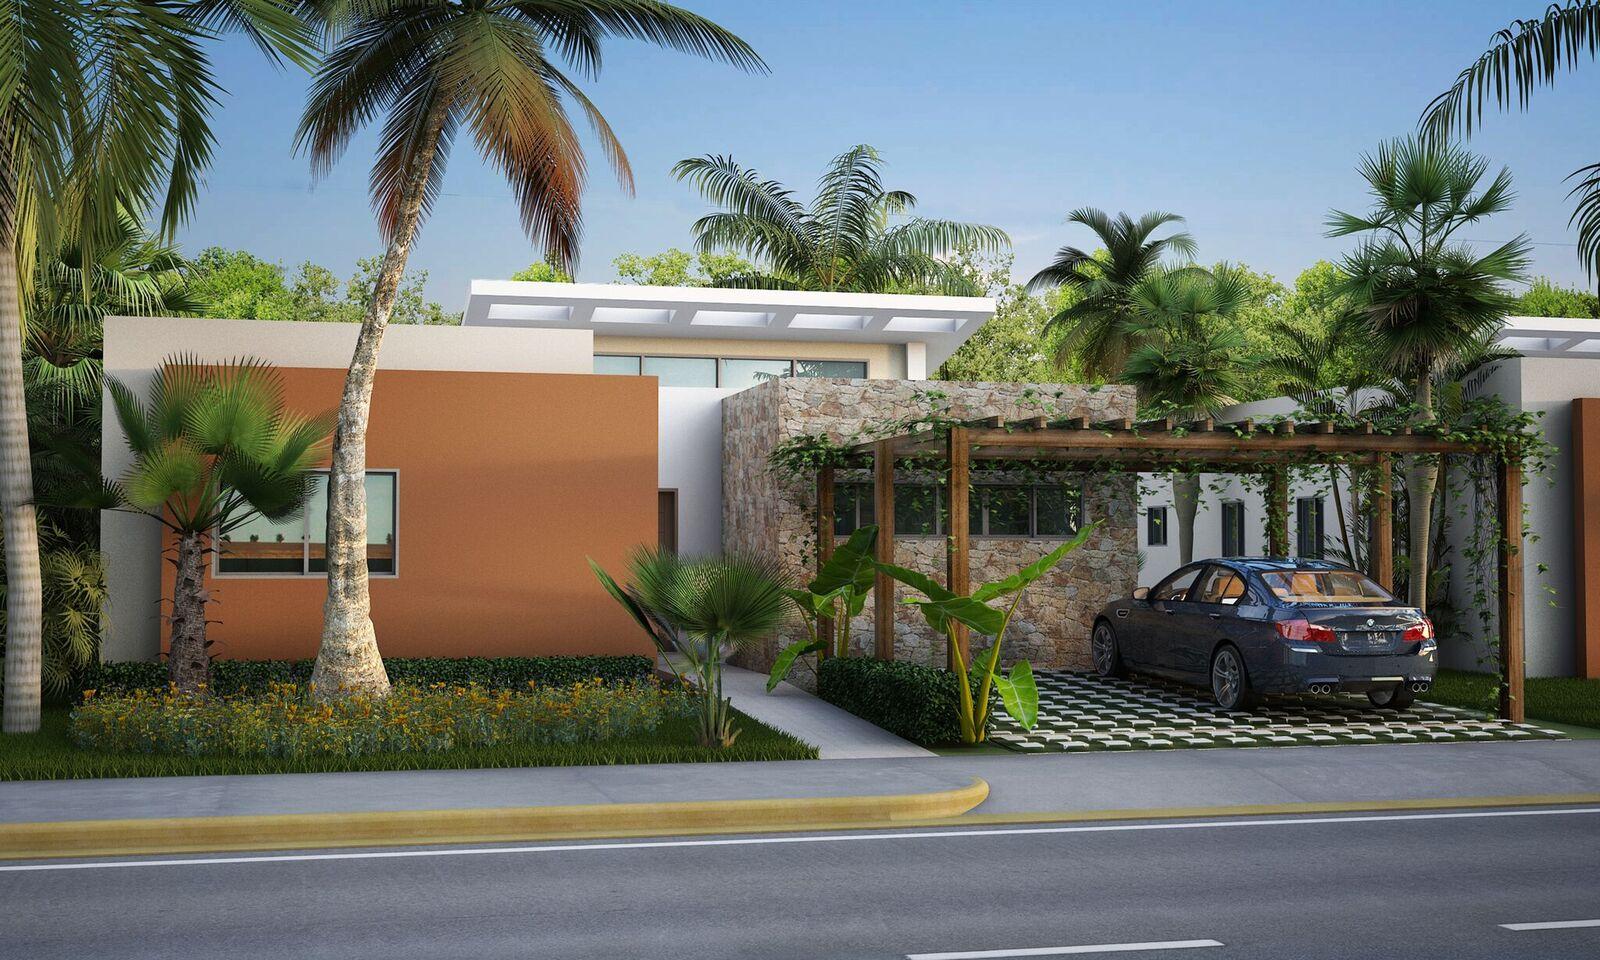 Villas con patio